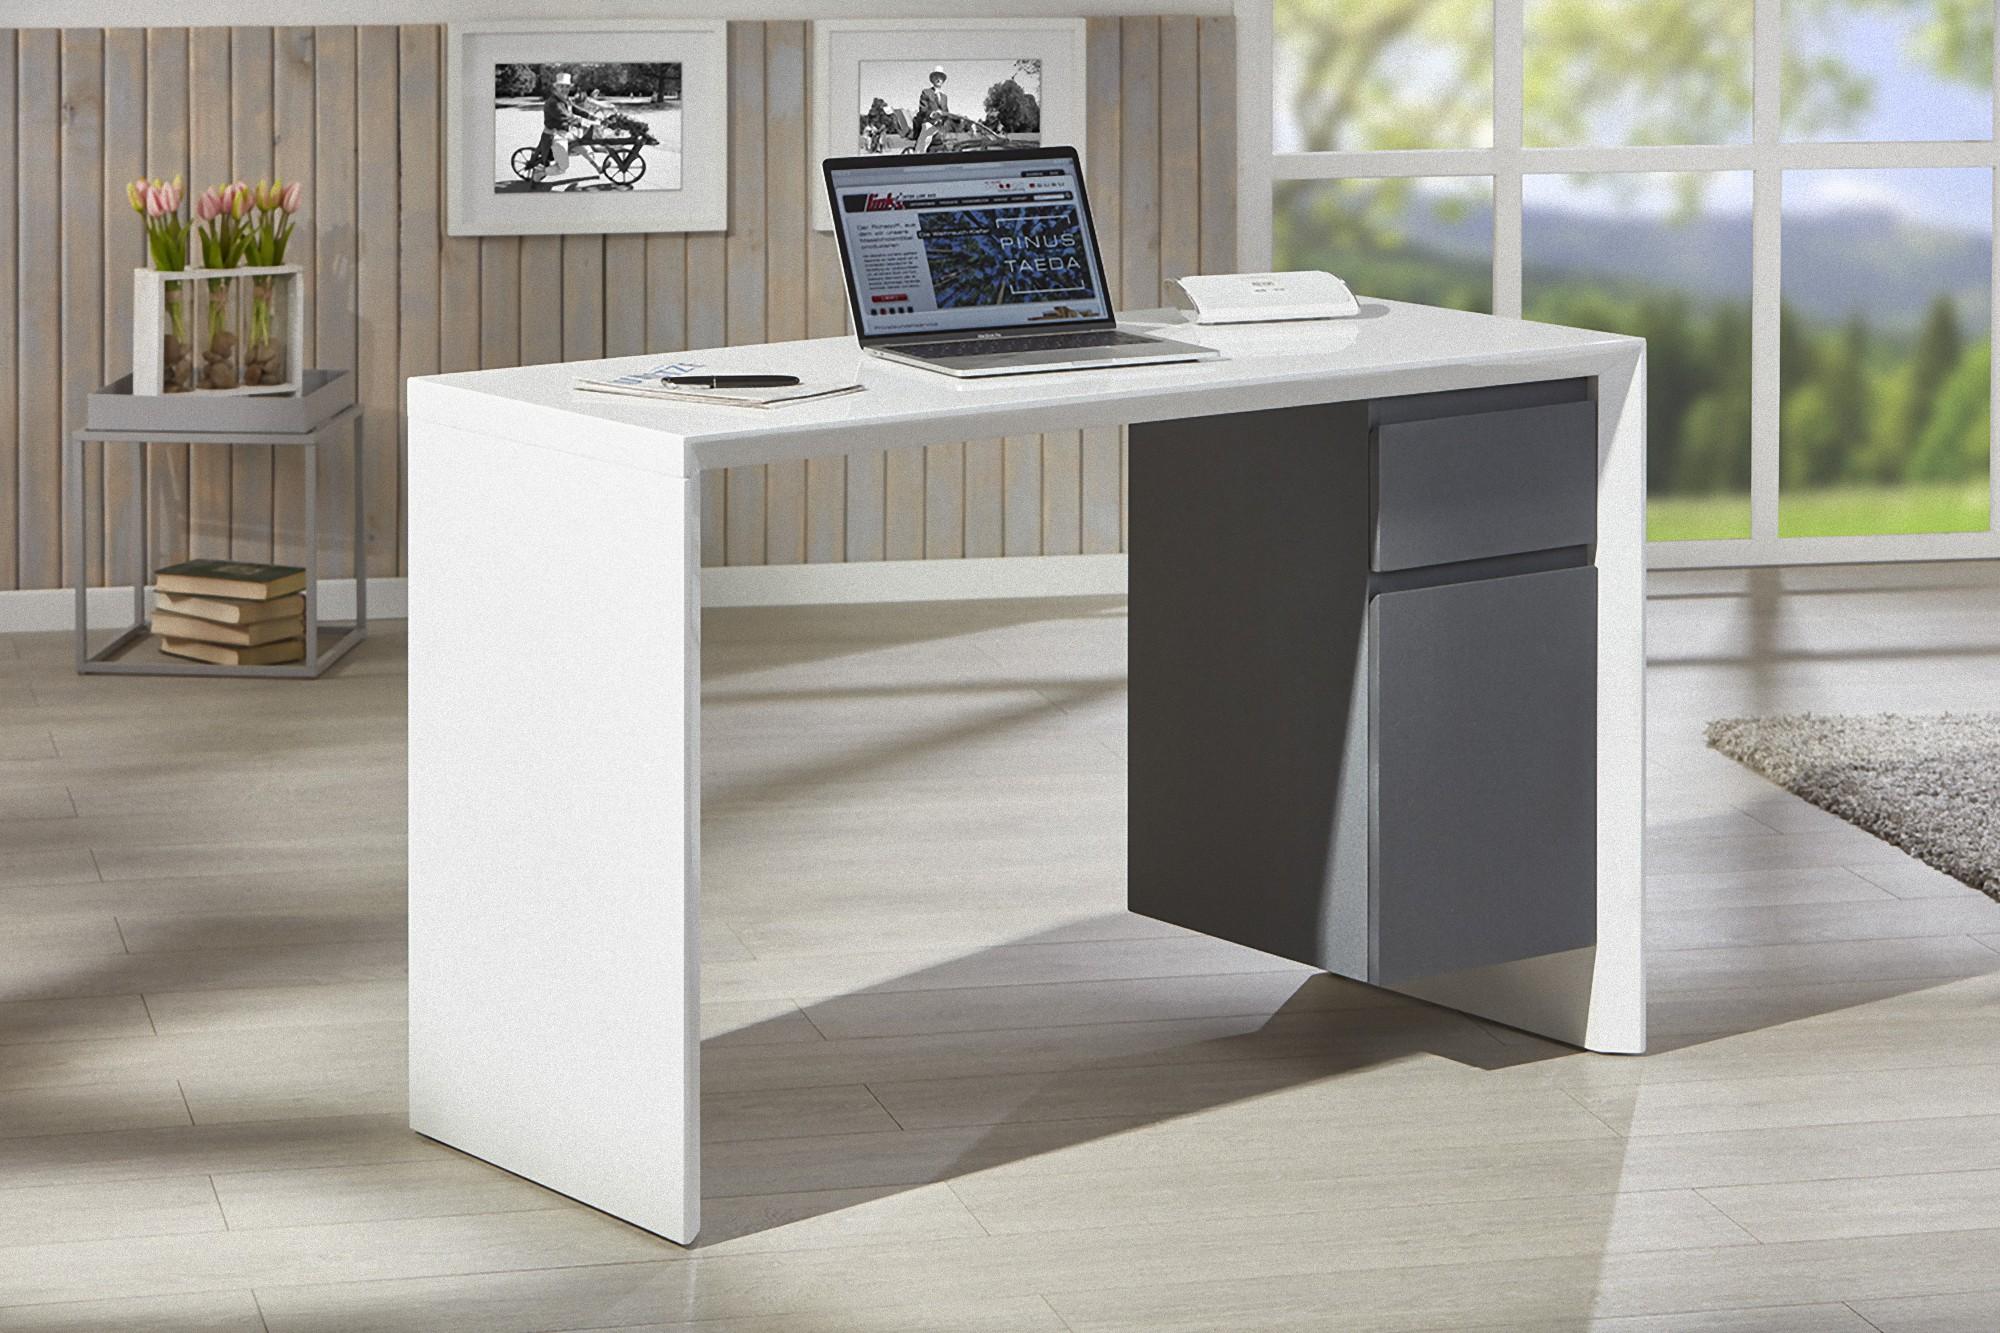 Schreibtisch Megsir Hochglanz Weiss Grau Tisch Burotisch Computer Computertisch Dynamic 24 De